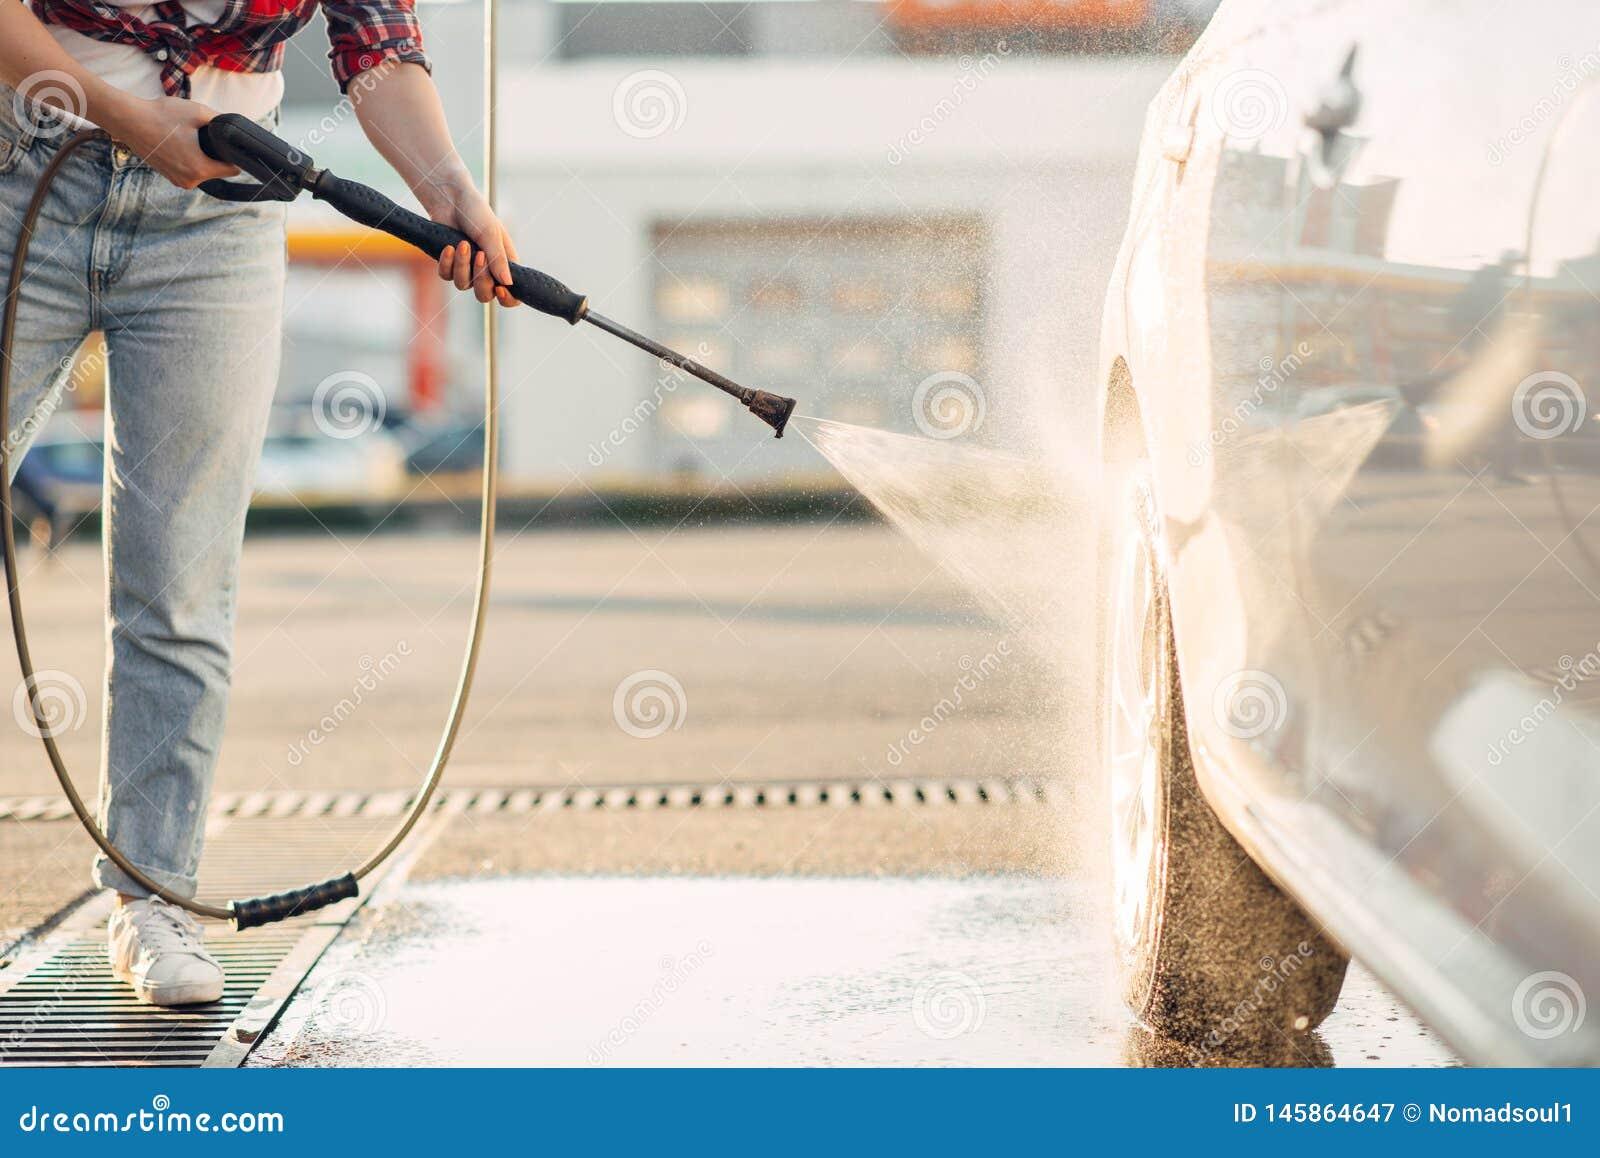 La femme mignonne nettoie des roues de voiture avec l arme ? feu d eau